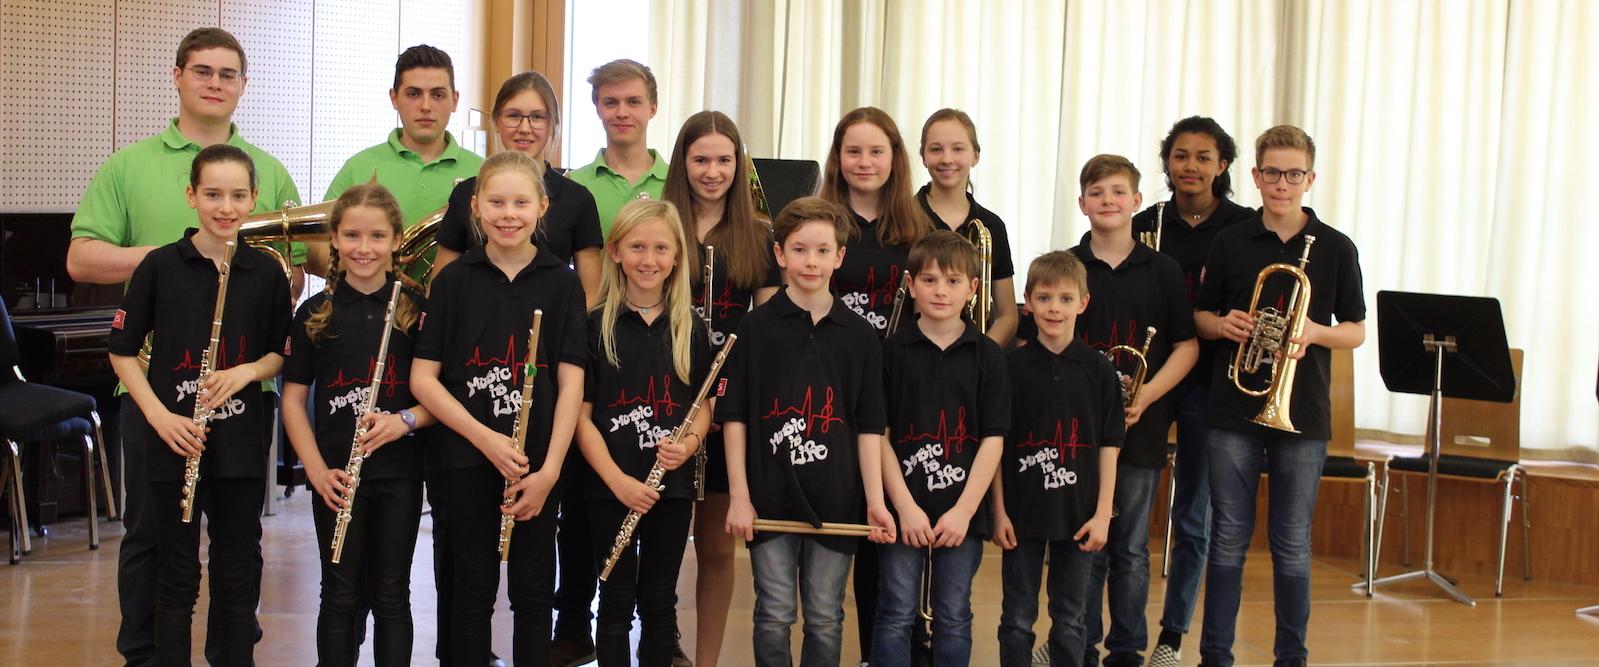 Kammermusik-Wettbewerb-in-Wolkersdorf-Kopie